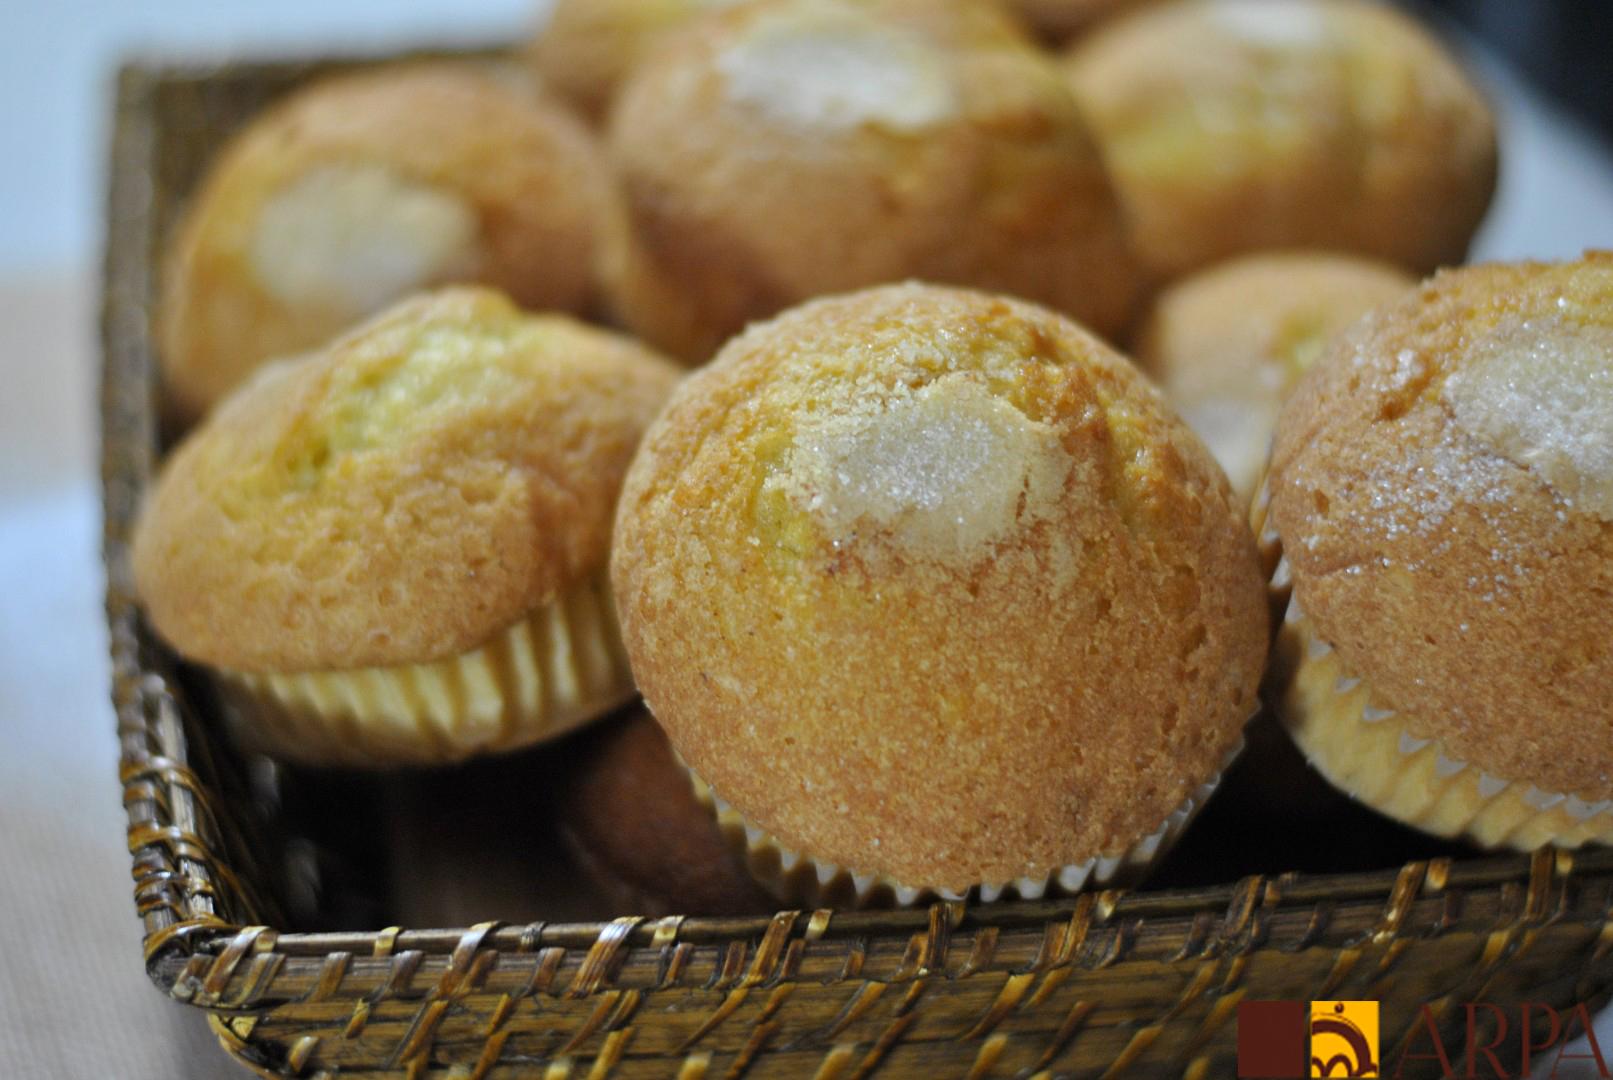 Presentación magdalenas artesanas cubiertas de azúcar